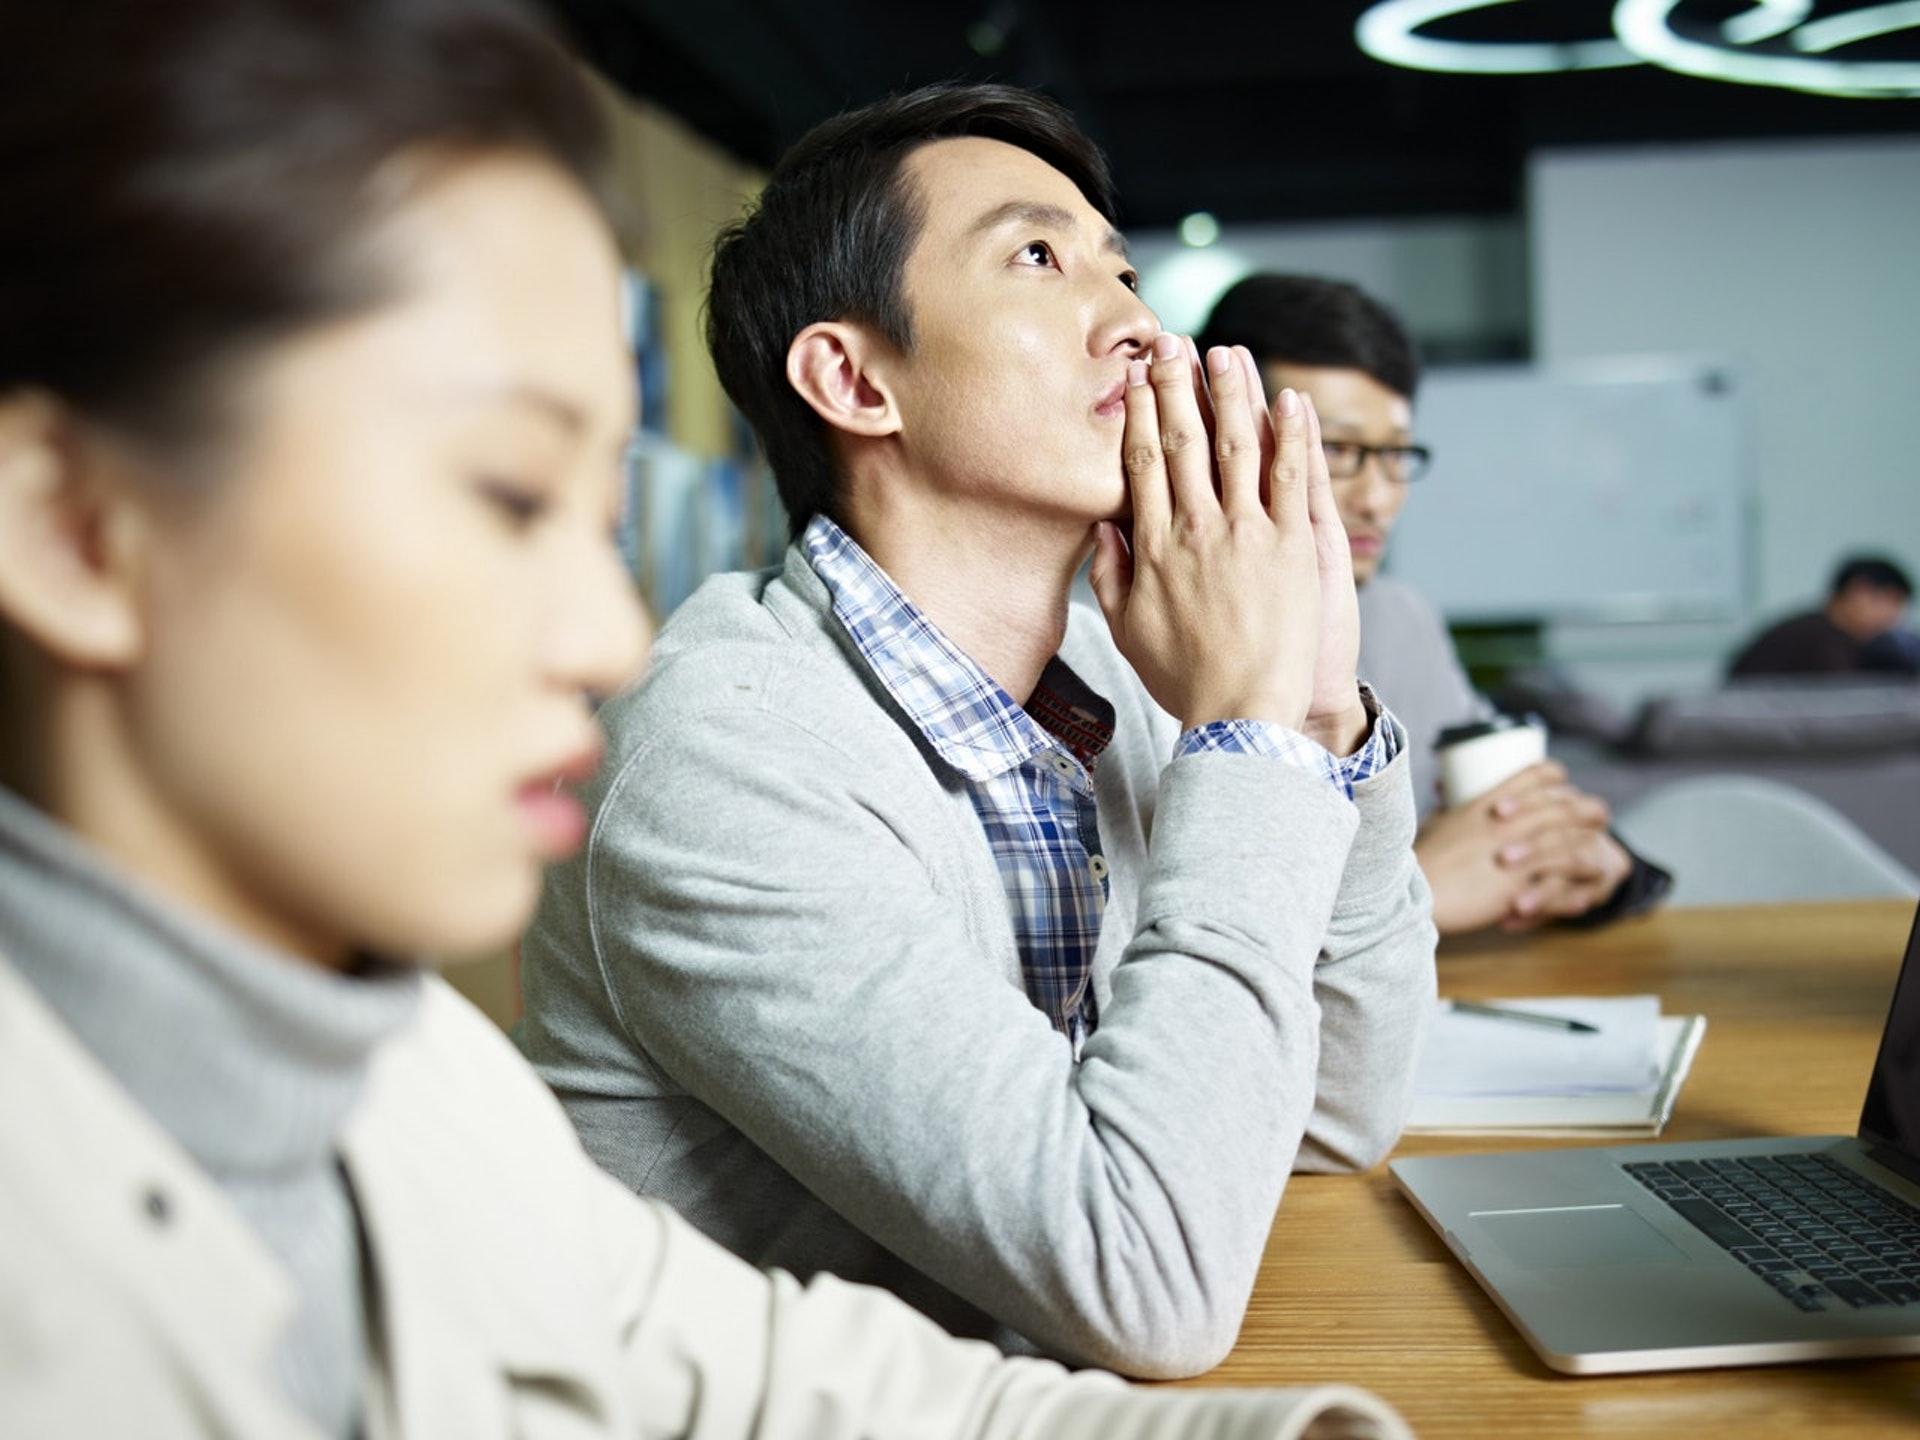 創業前先問一問自己:「為何你要創業。」(Gettyimage/視覺中國)